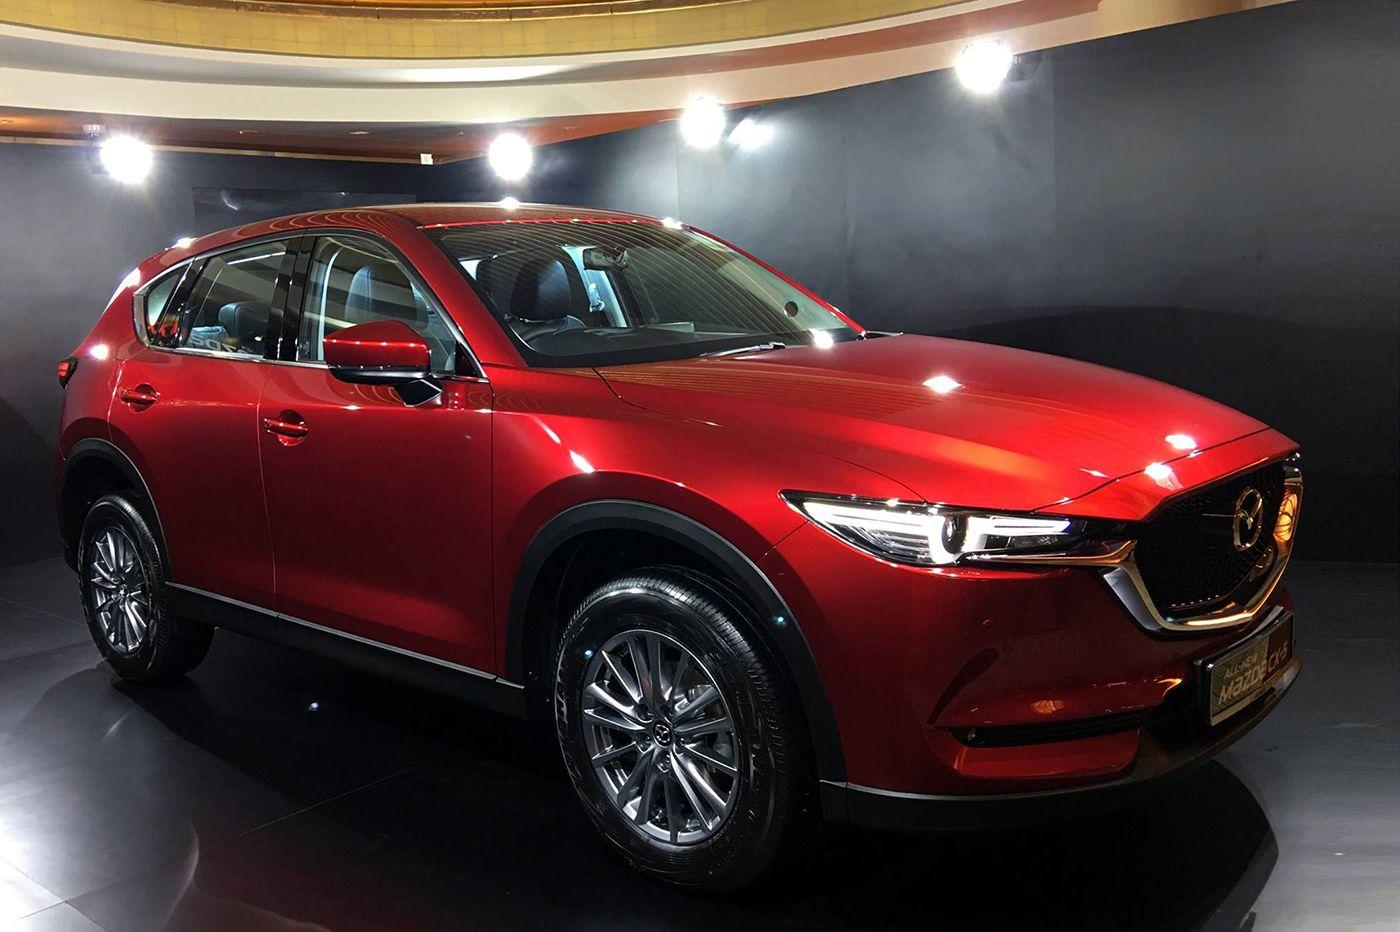 Toyota Tân Tạo đăng bài viết mới http://ift.tt/2uSQp60  Mazda CX-5 thế hệ mới công bố tại Singapore  [vc_row][vc_column][vc_column_text]  Ra mắt tại thị trường Singapore Mazda CX-5 thế hệ mới sẽ có 4 biến thể cho khách hàng lựa chọn. Bắt đầu từ phiên bản tiêu chuẩn 2.0L 2WD có giá 144.000 Dollar Singapore (2388 tỷ vnđ) tiếp theo là phiên bản 2.0L 2WD Premium có giá 152.800 dollar Singapore (2534 tỷ vnđ) phiên bản 2.5L 2WD Luxury có giá 158.800 dollar Singapore (2634 tỷ vnđ) và cuối cùng là…